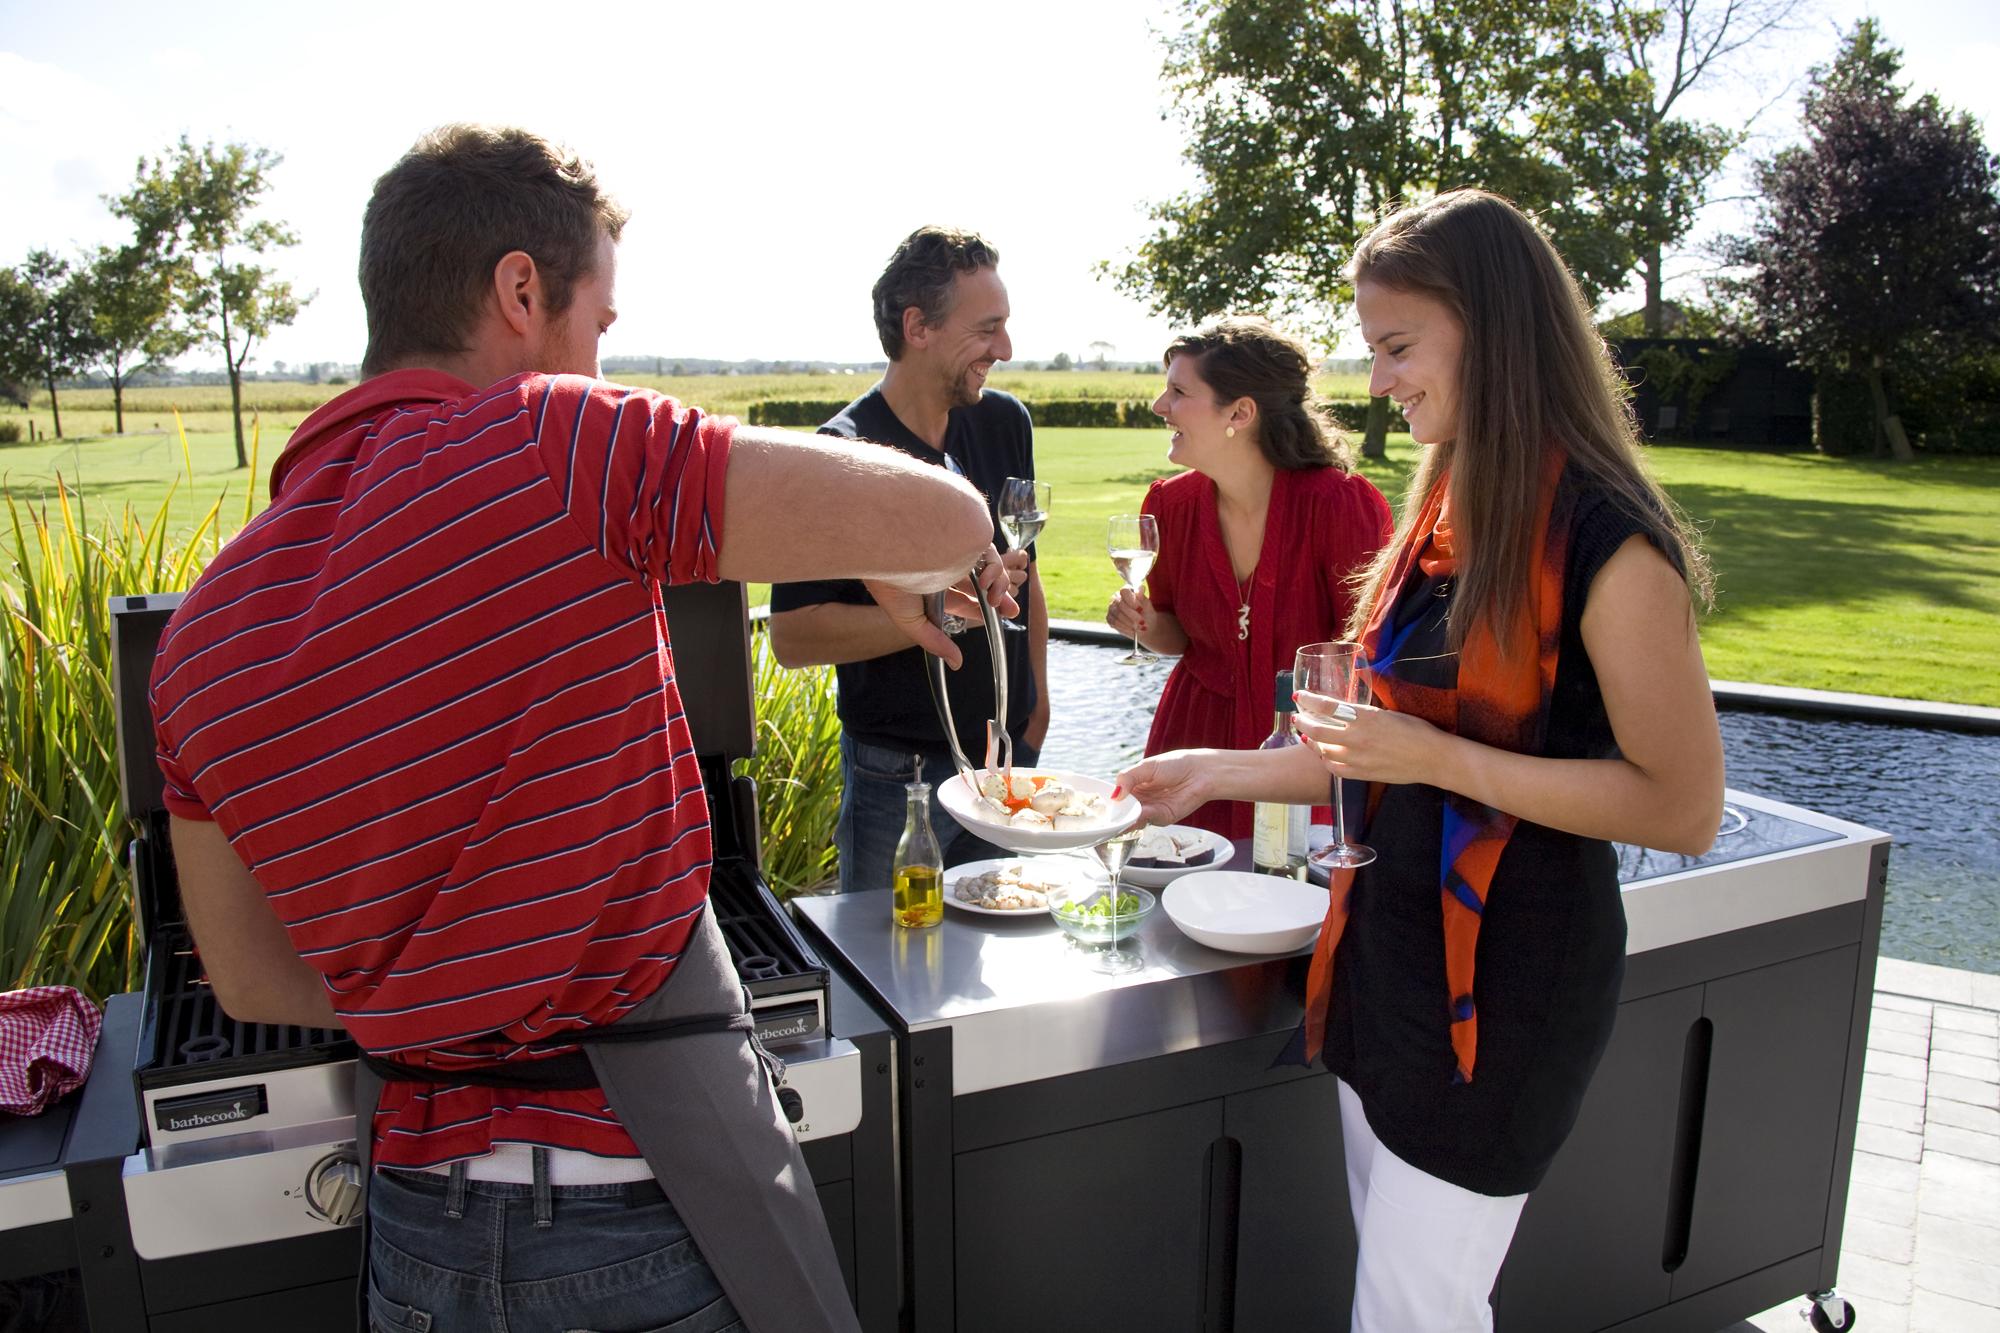 Outdoorküche Mit Spüle Zubehör : Rieber gastro edelstahl er spüle höhenversetzt outdoorküche in